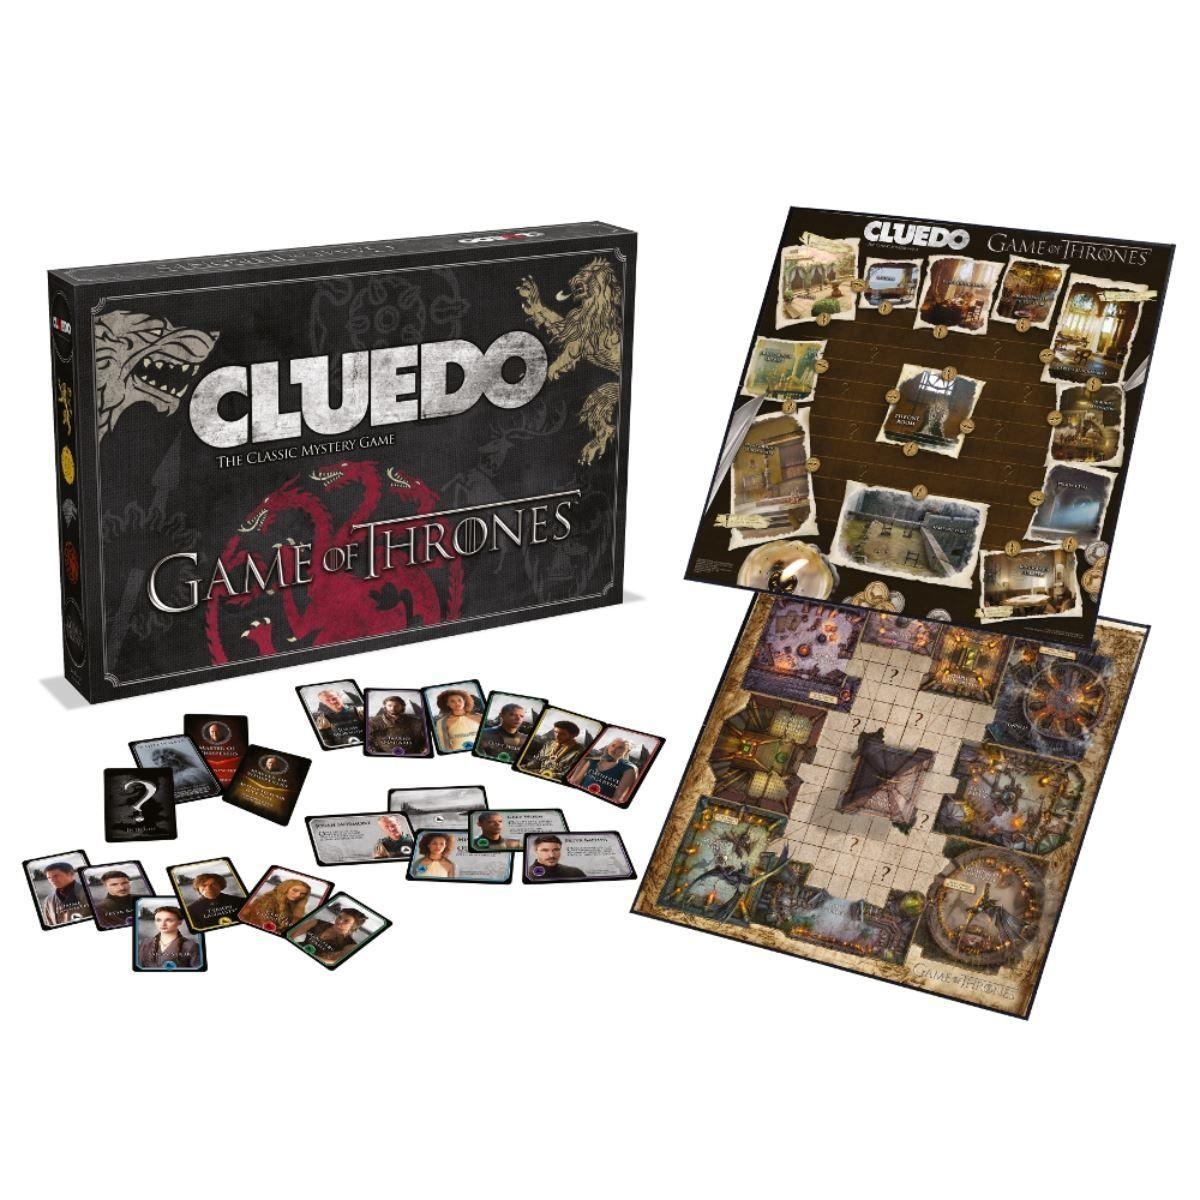 Настолна игра Cluedo - Game of Thrones, стратегическа - 4